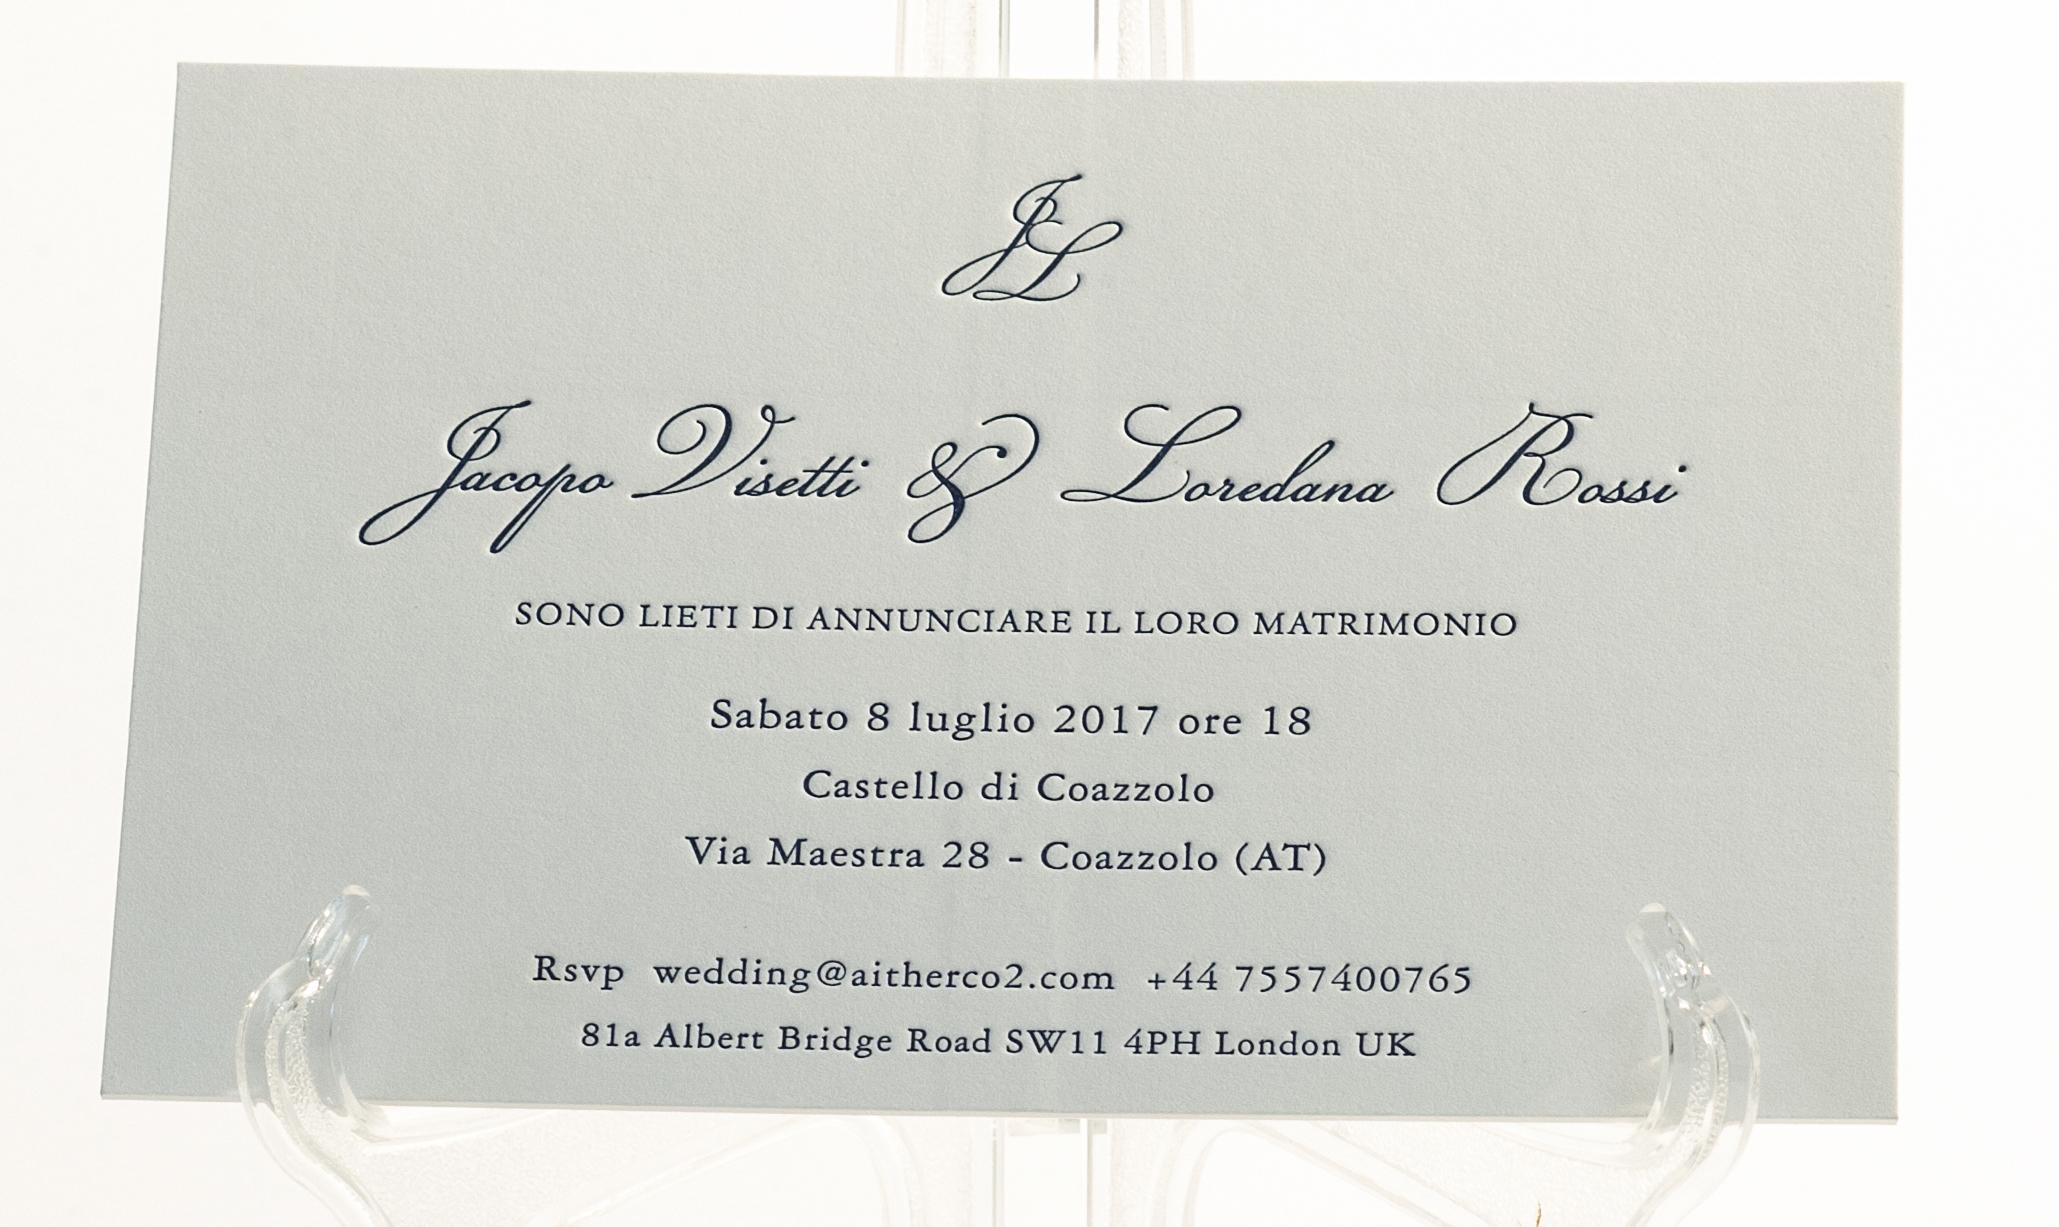 Carta Gmund 900 gr, stampa Letterpress a 1 colore